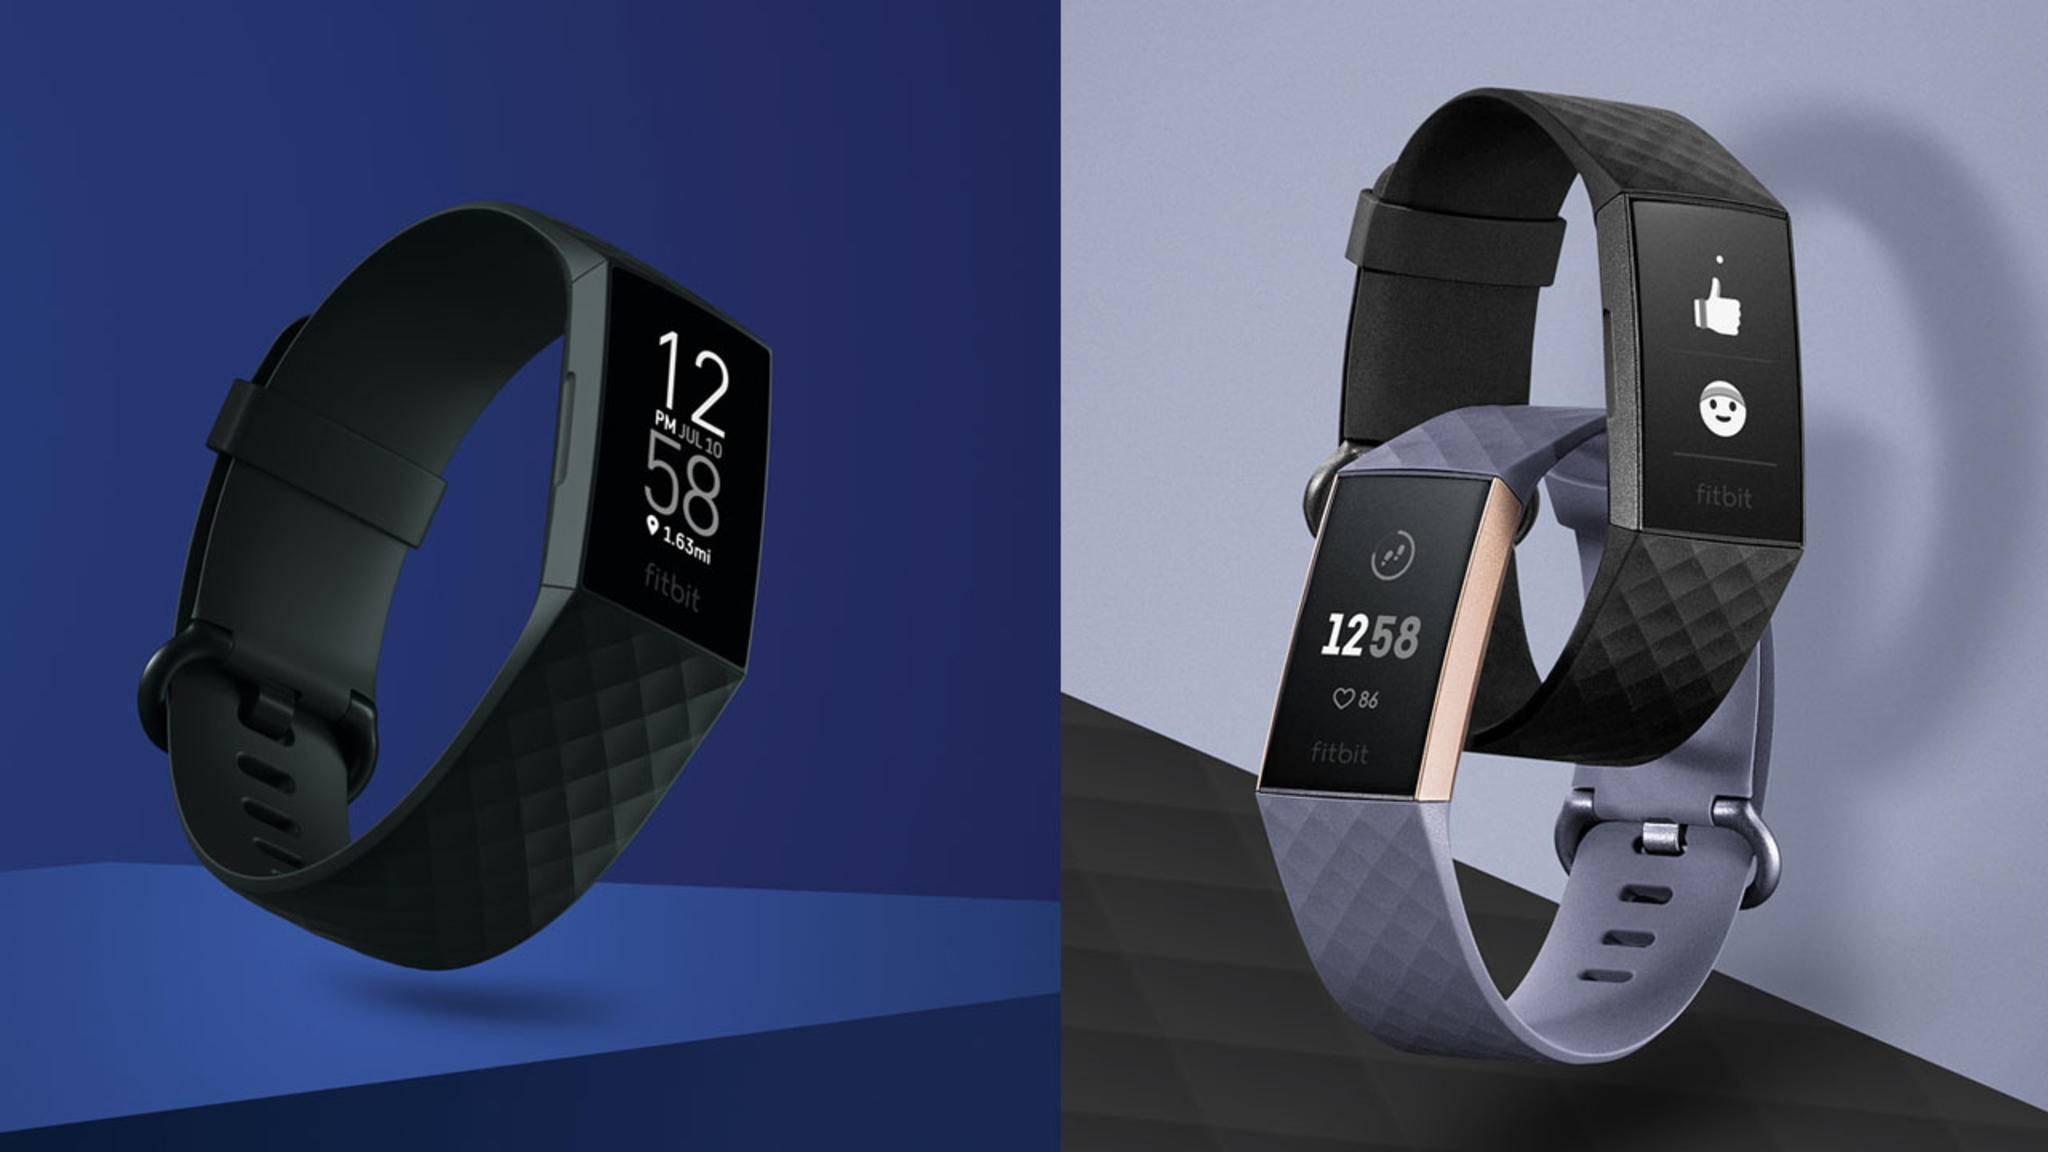 Optisch findest Du kaum Unterschiede zwischen dem Fitbit Charge 4 (links) und dem Fitbit Charge 3 (rechts).